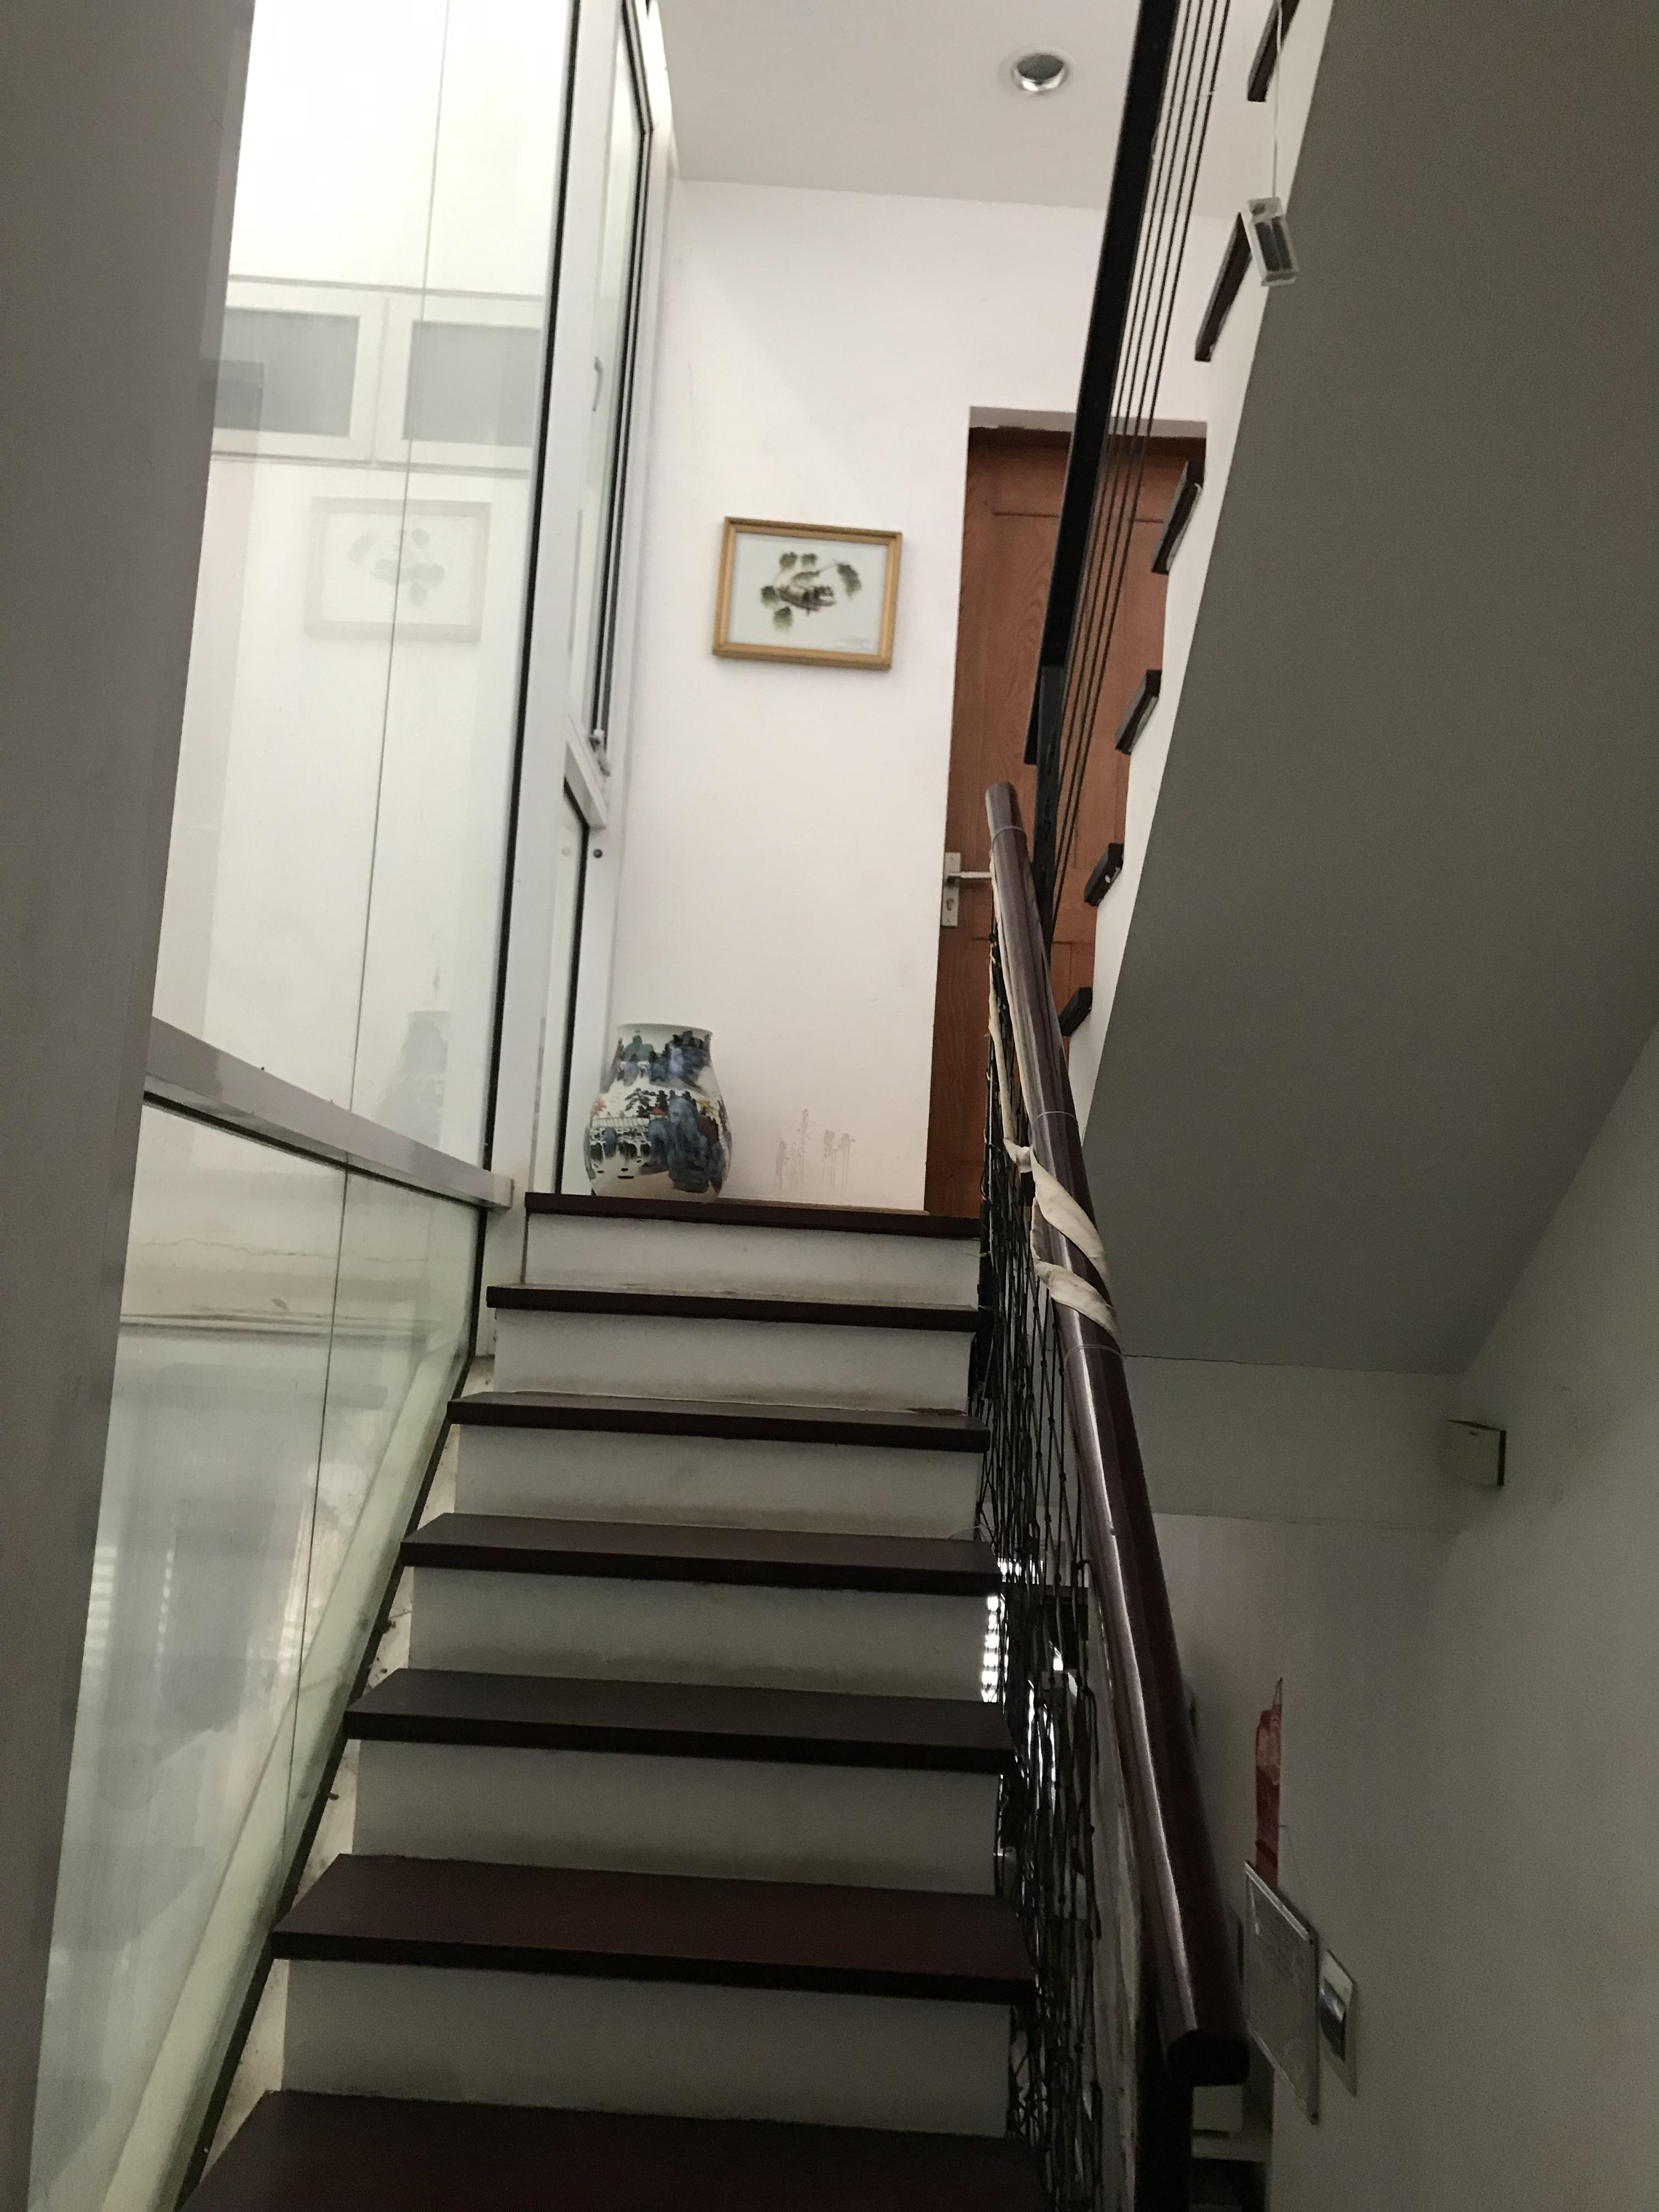 7 Cần cho thuê nhà tại quận Ba Đình Hà Nội, 4 tầng , 3 phòng ngủ, 4 wc, tiện nghi đầy đủ, an ninh